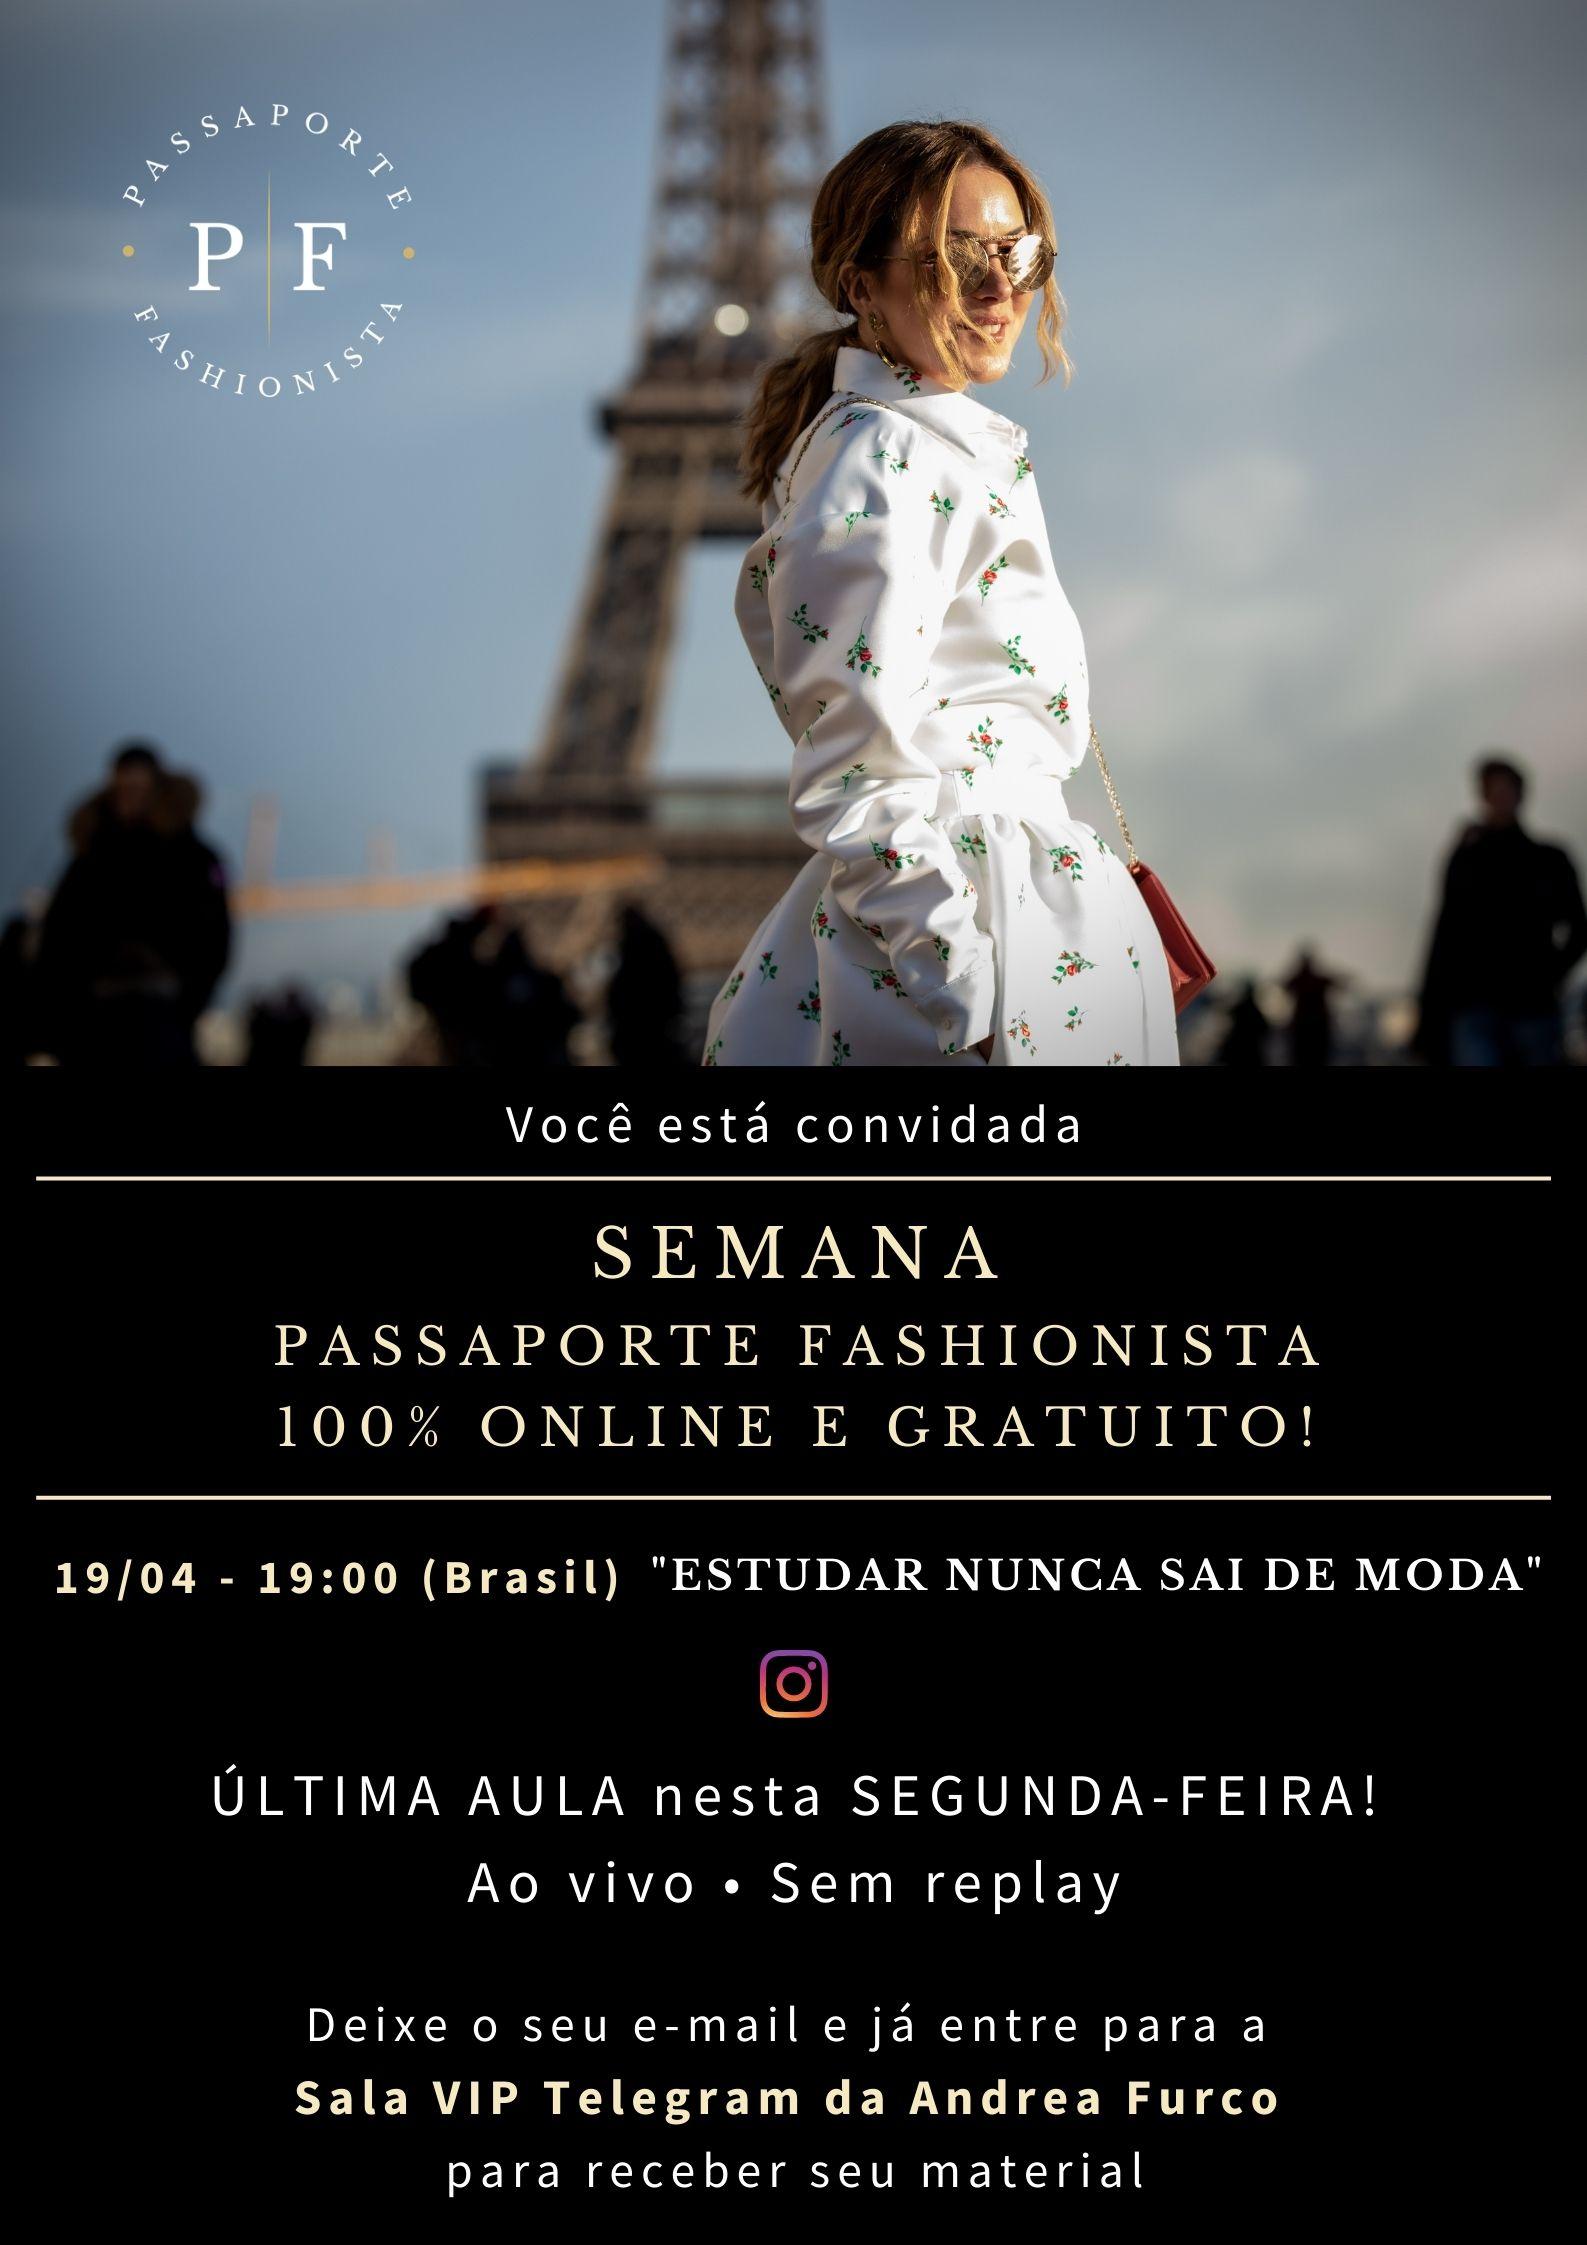 Semana_Passaporte_Fashionista_Online